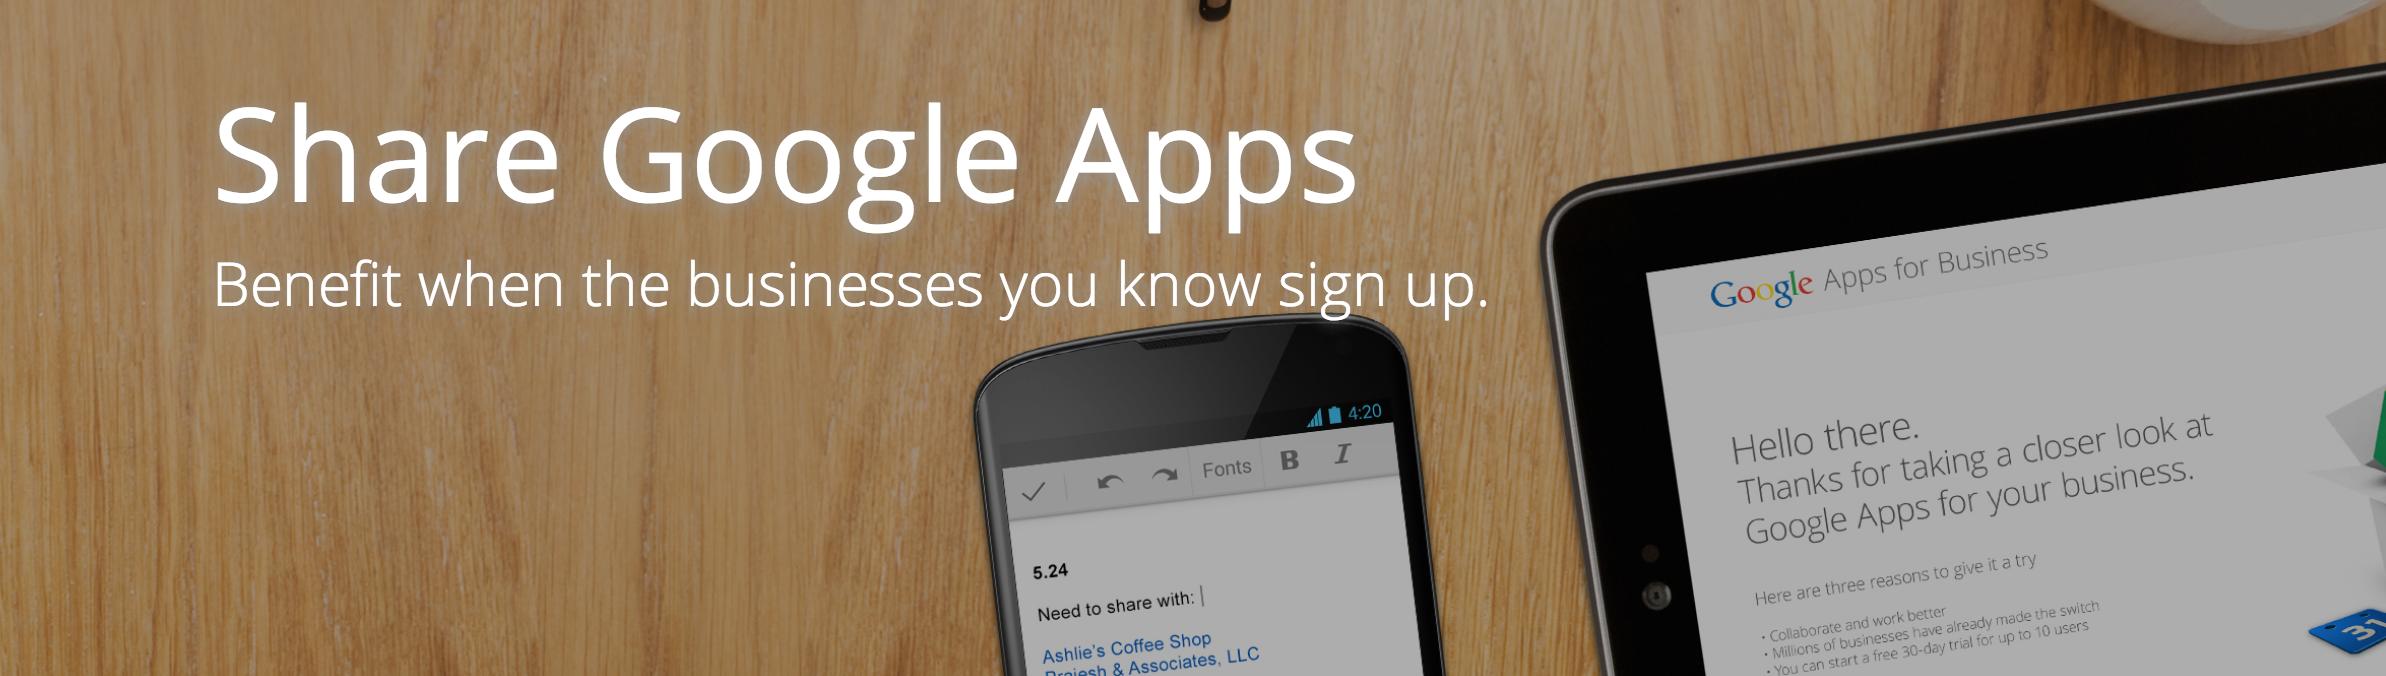 Google-Apps-Referral-program-01